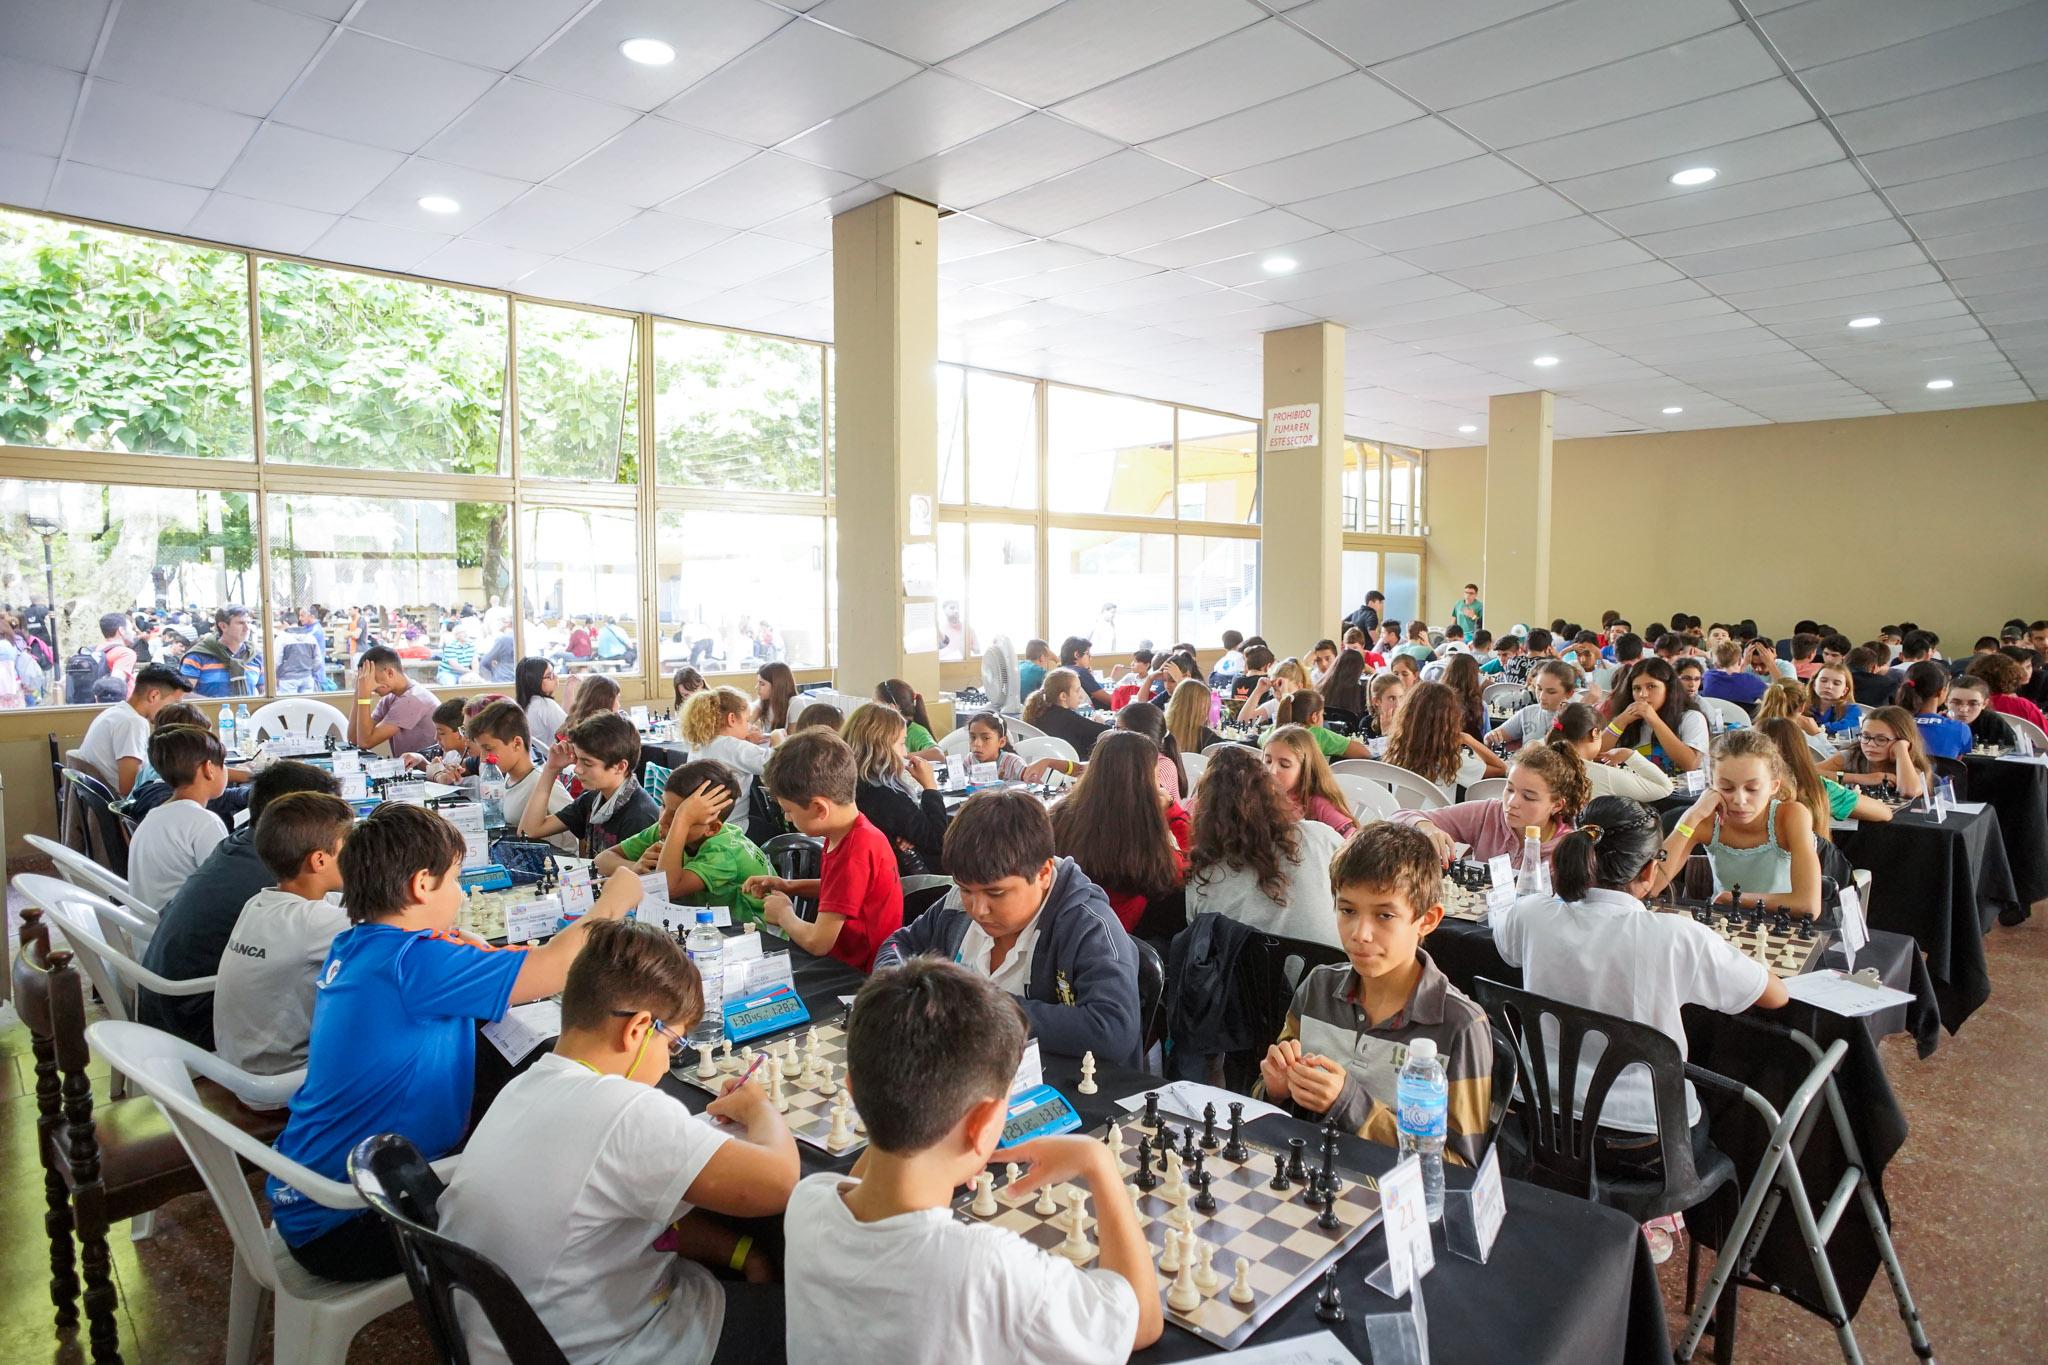 Récord de participantes en el Campeonato Argentino de Ajedrez que se realizó en Vicente López